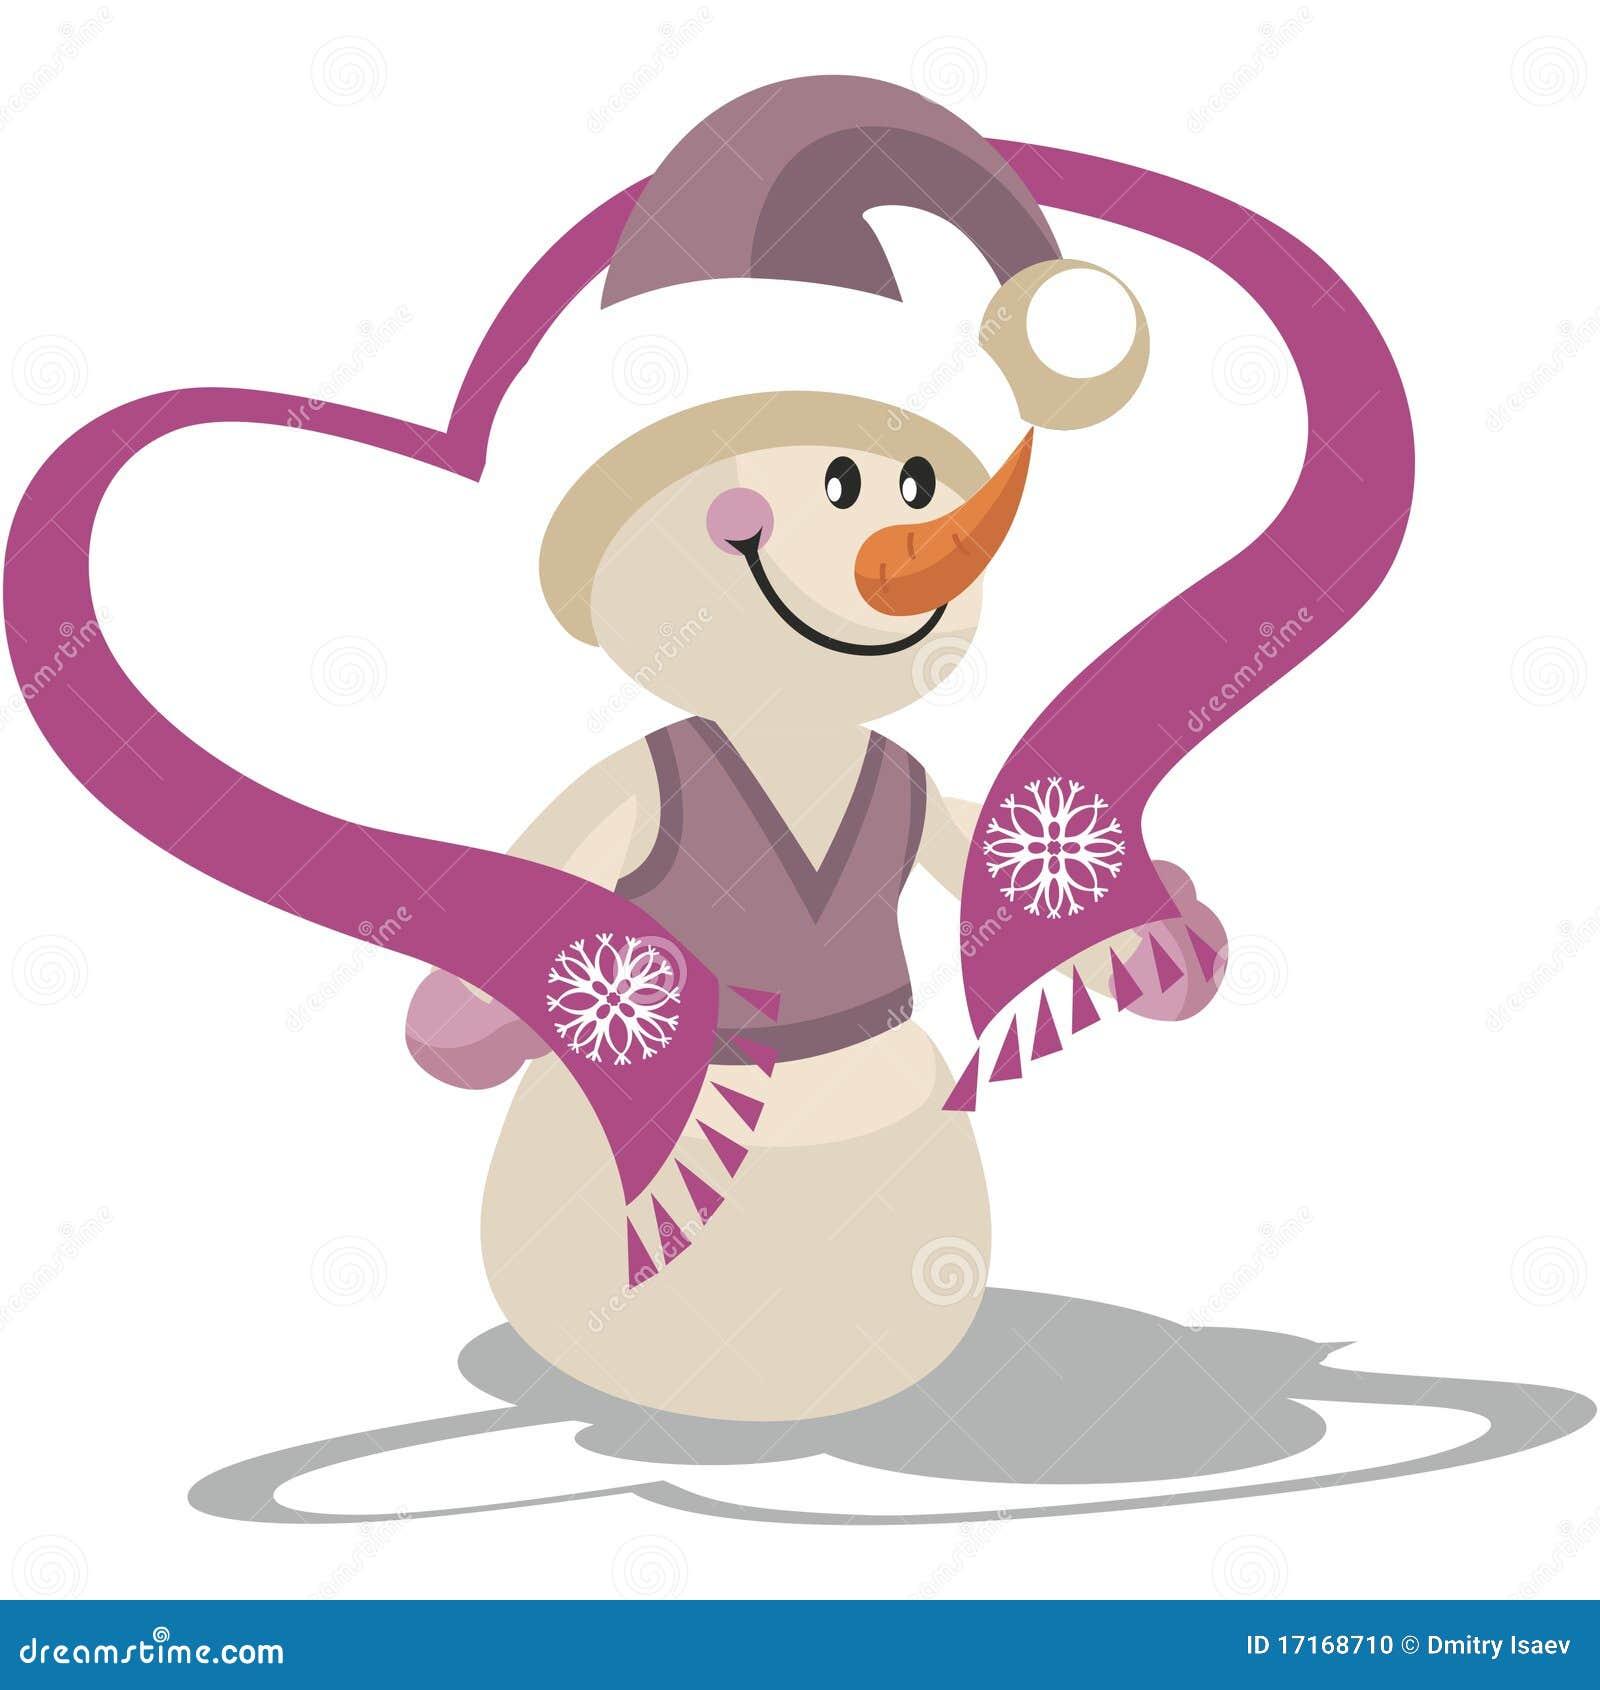 Coloriage couleur bonhomme de neige - Dessin bonhomme assis ...